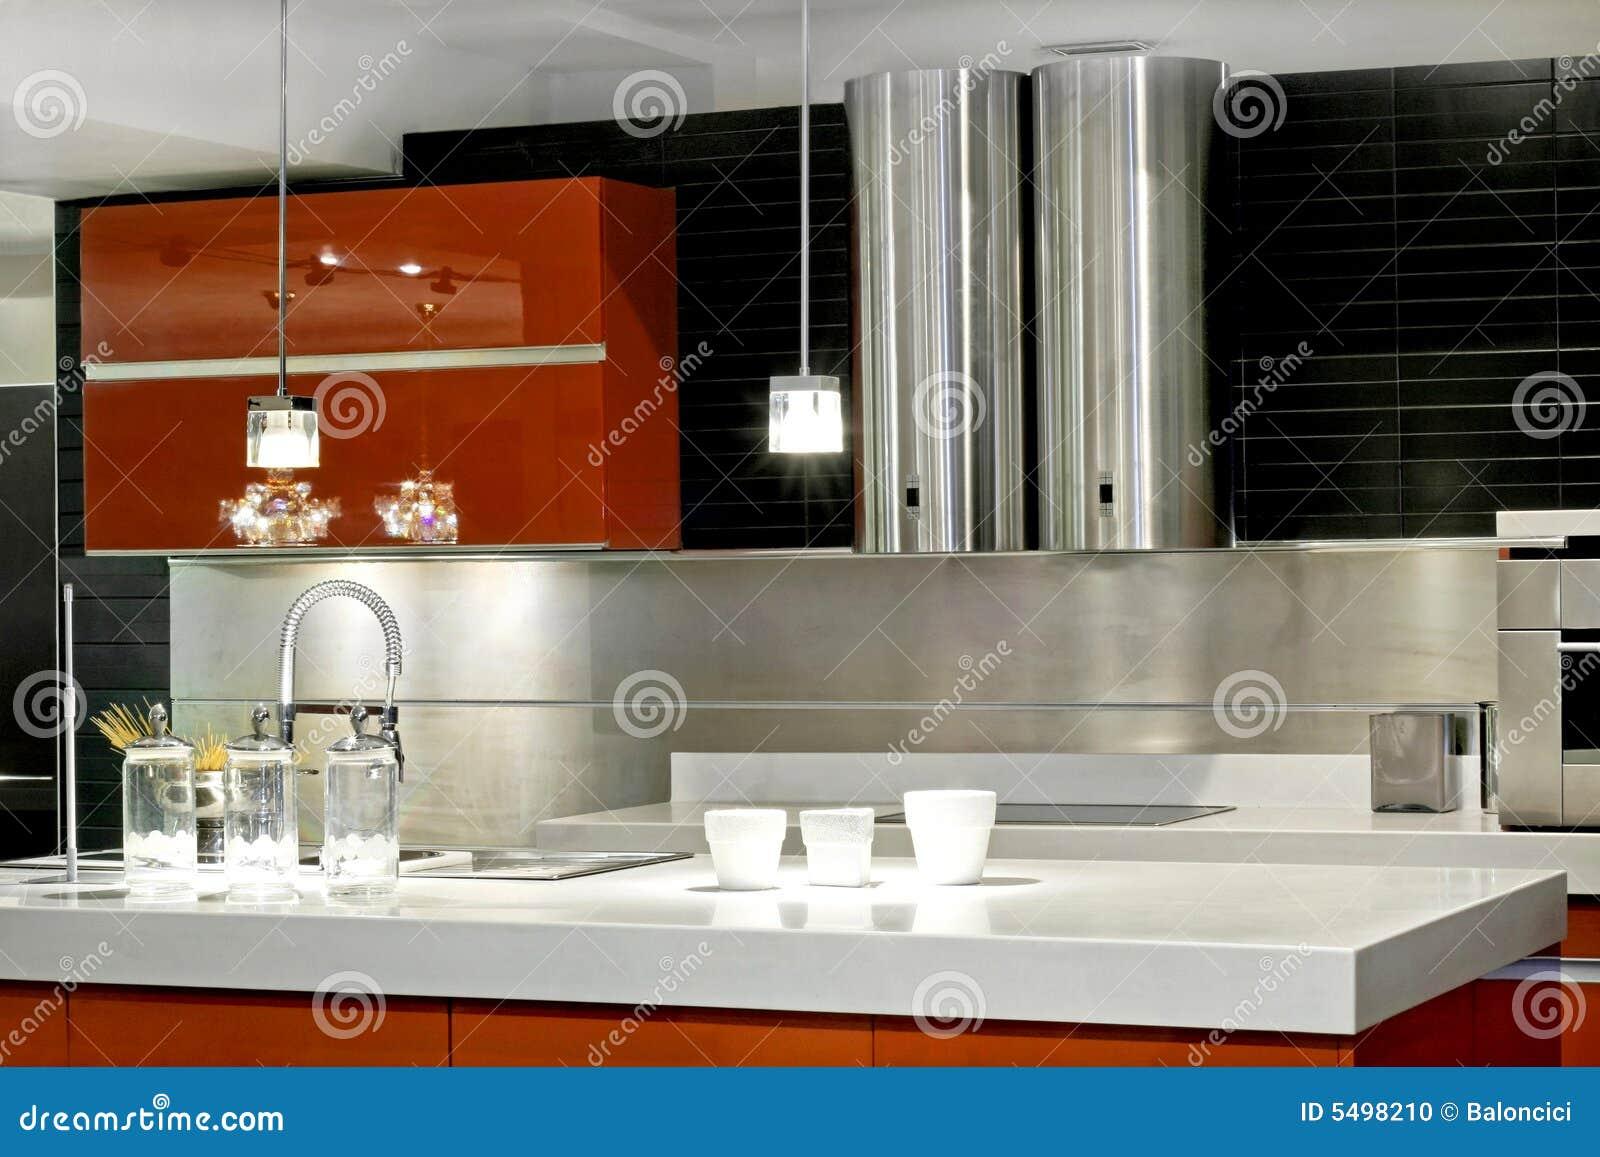 Controsoffitto Moderno Della Cucina Con Doppia Ventilazione Metallica. #842B08 1300 957 Cucina In Controsoffitto